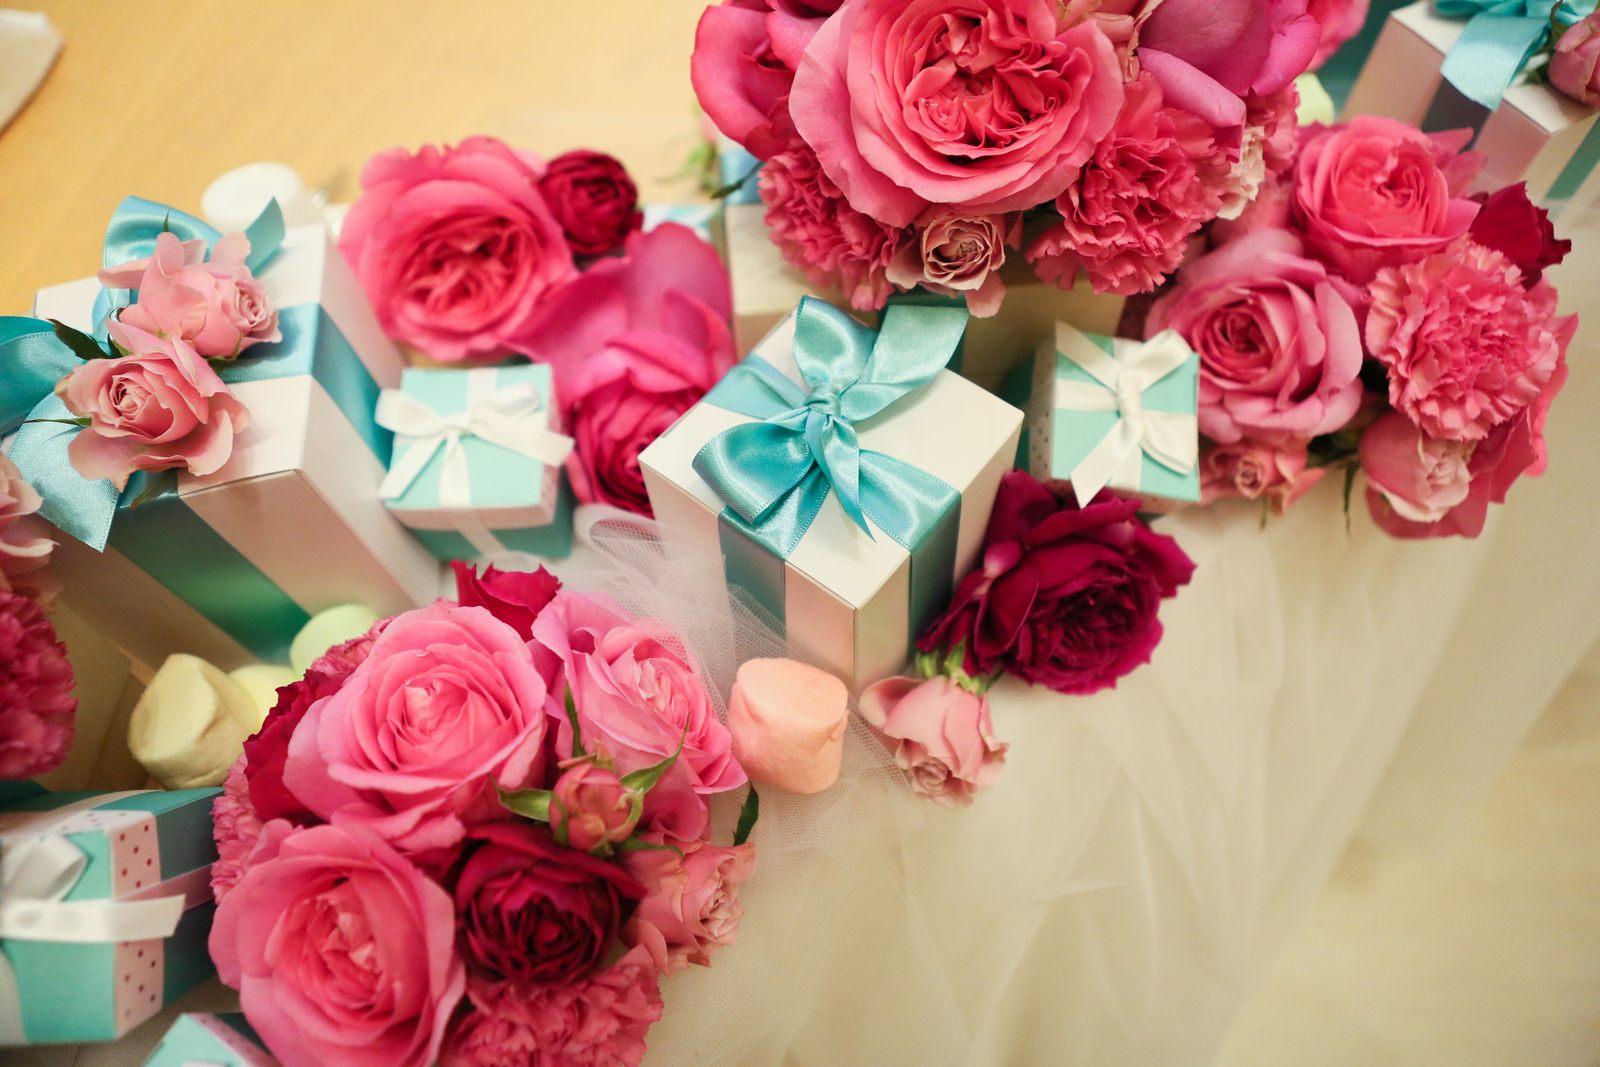 高松市の結婚式場アイルバレクラブのピンクとティファニーブルーのテーブル装花